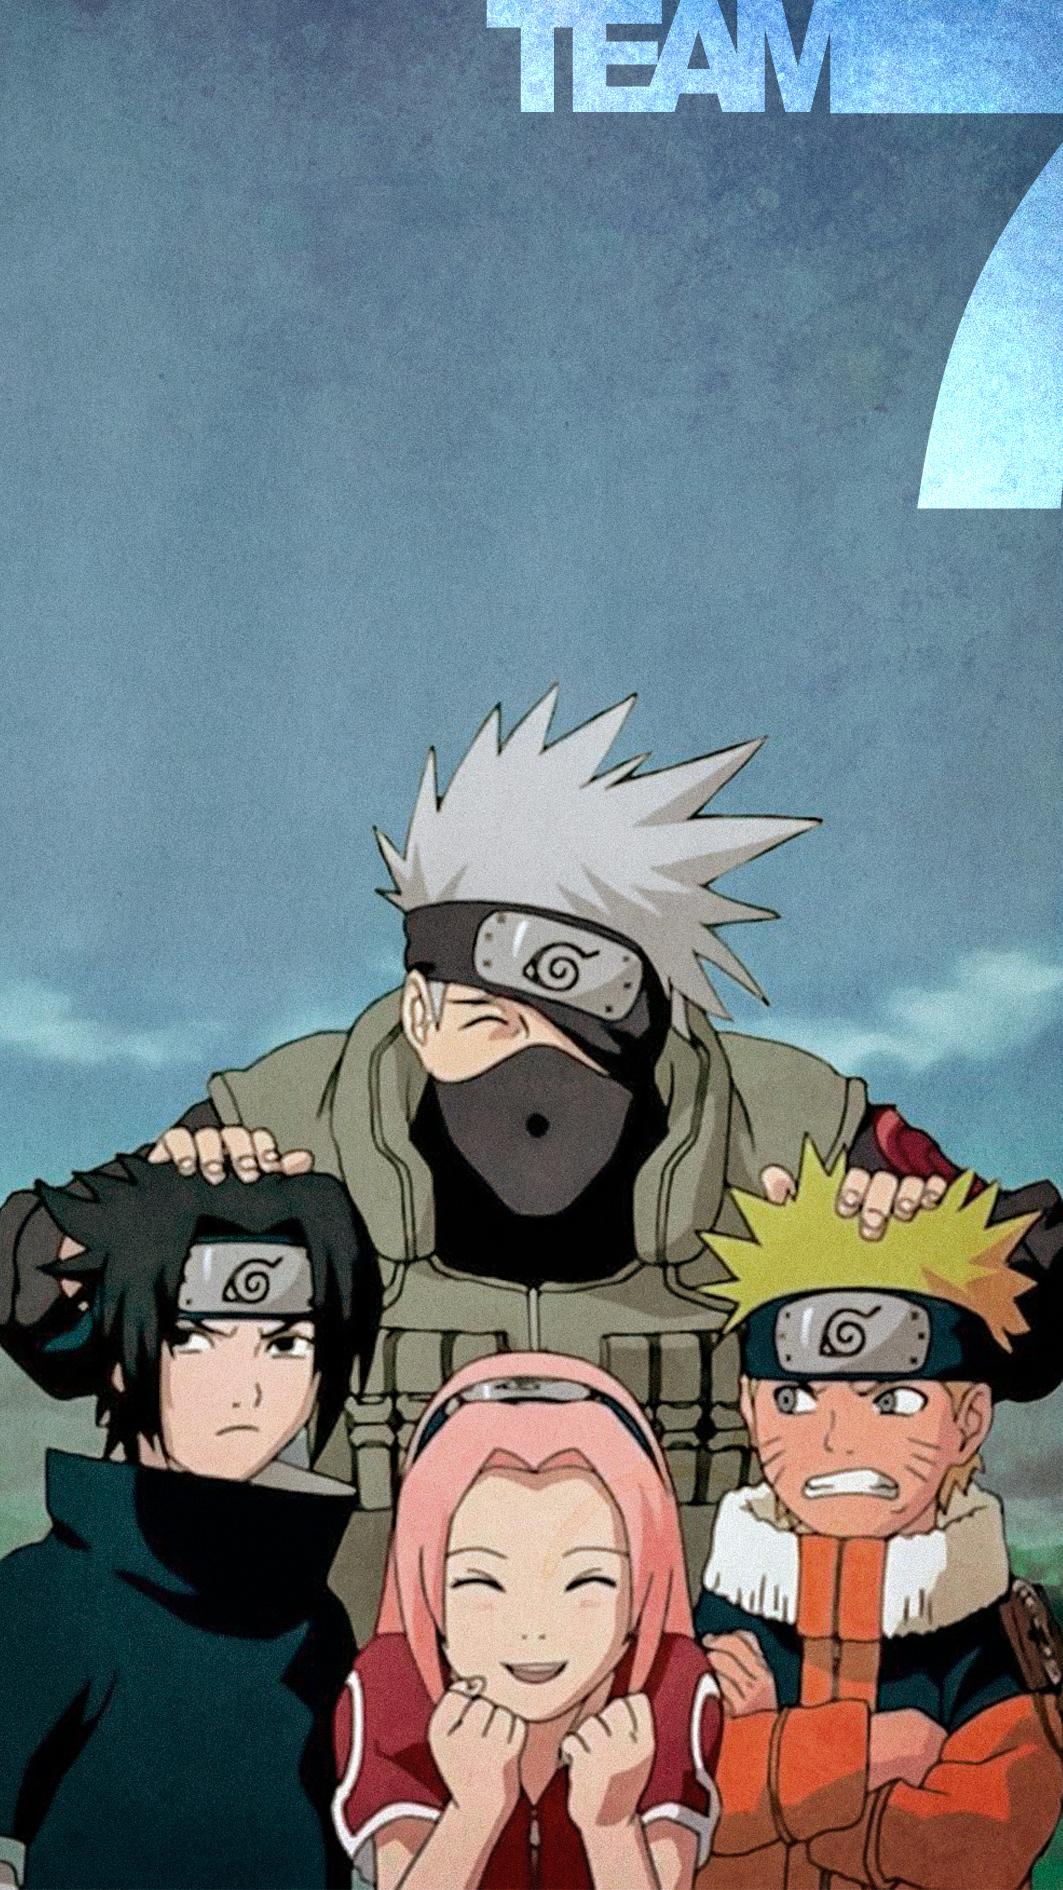 Team 7 Anime Chibi Arte Naruto Naruto Shippuden Sasuke